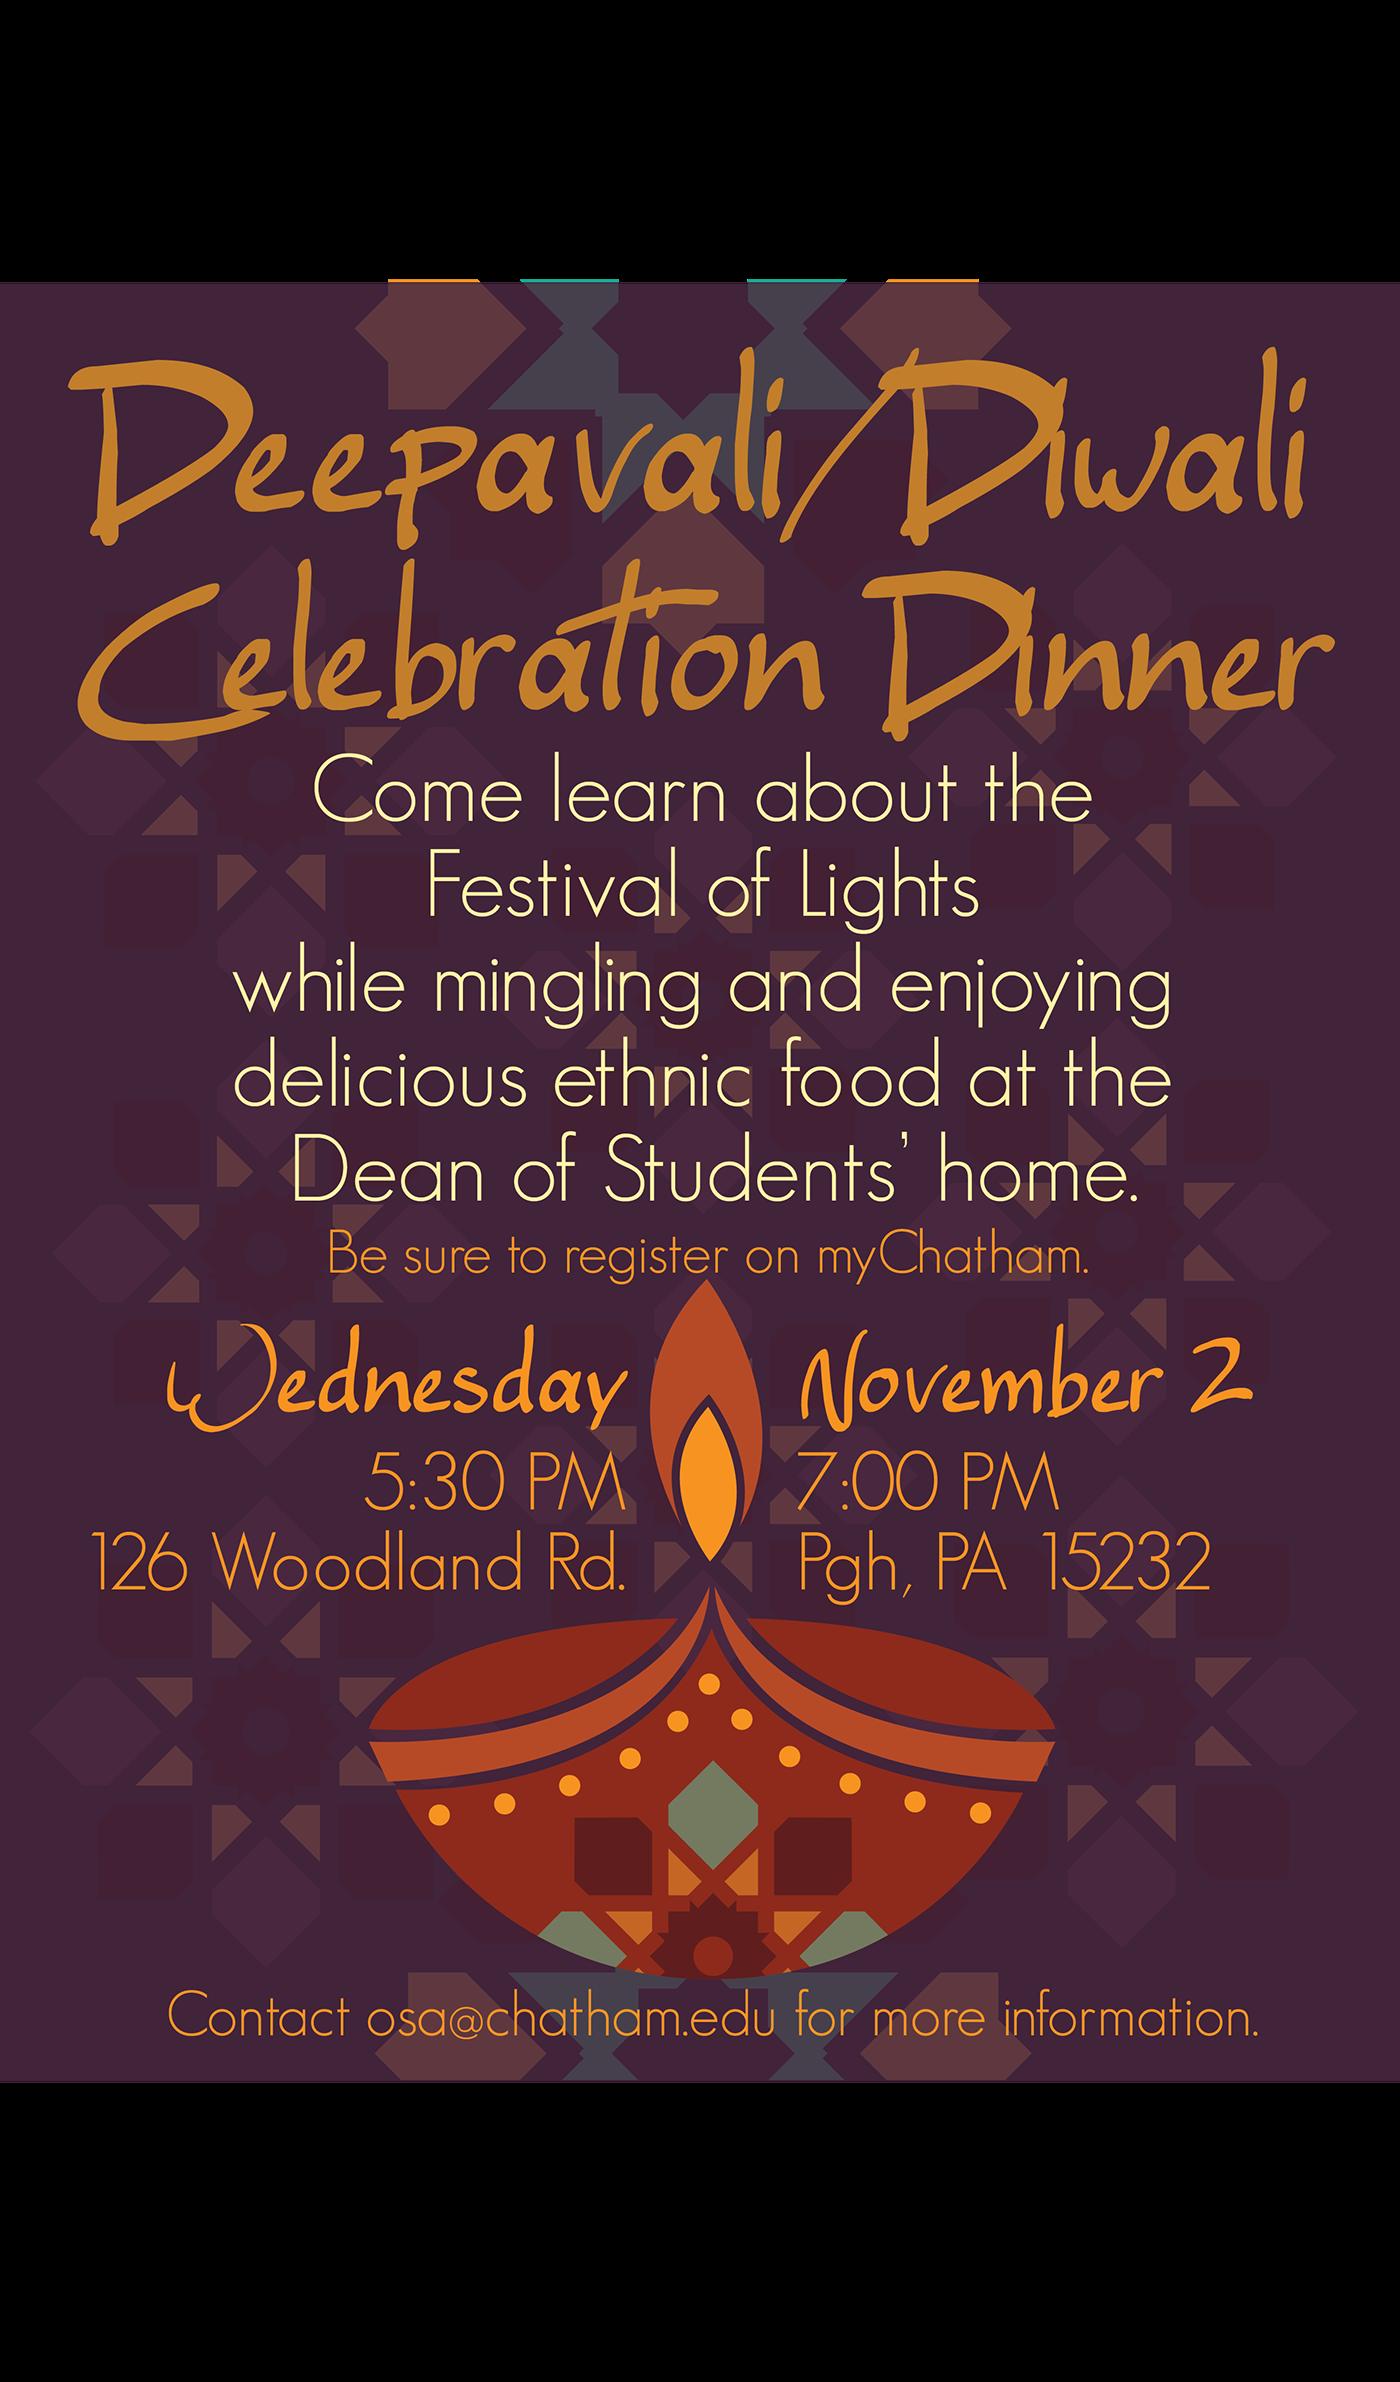 Diwali Dinner Flyer for Chatham University on Behance